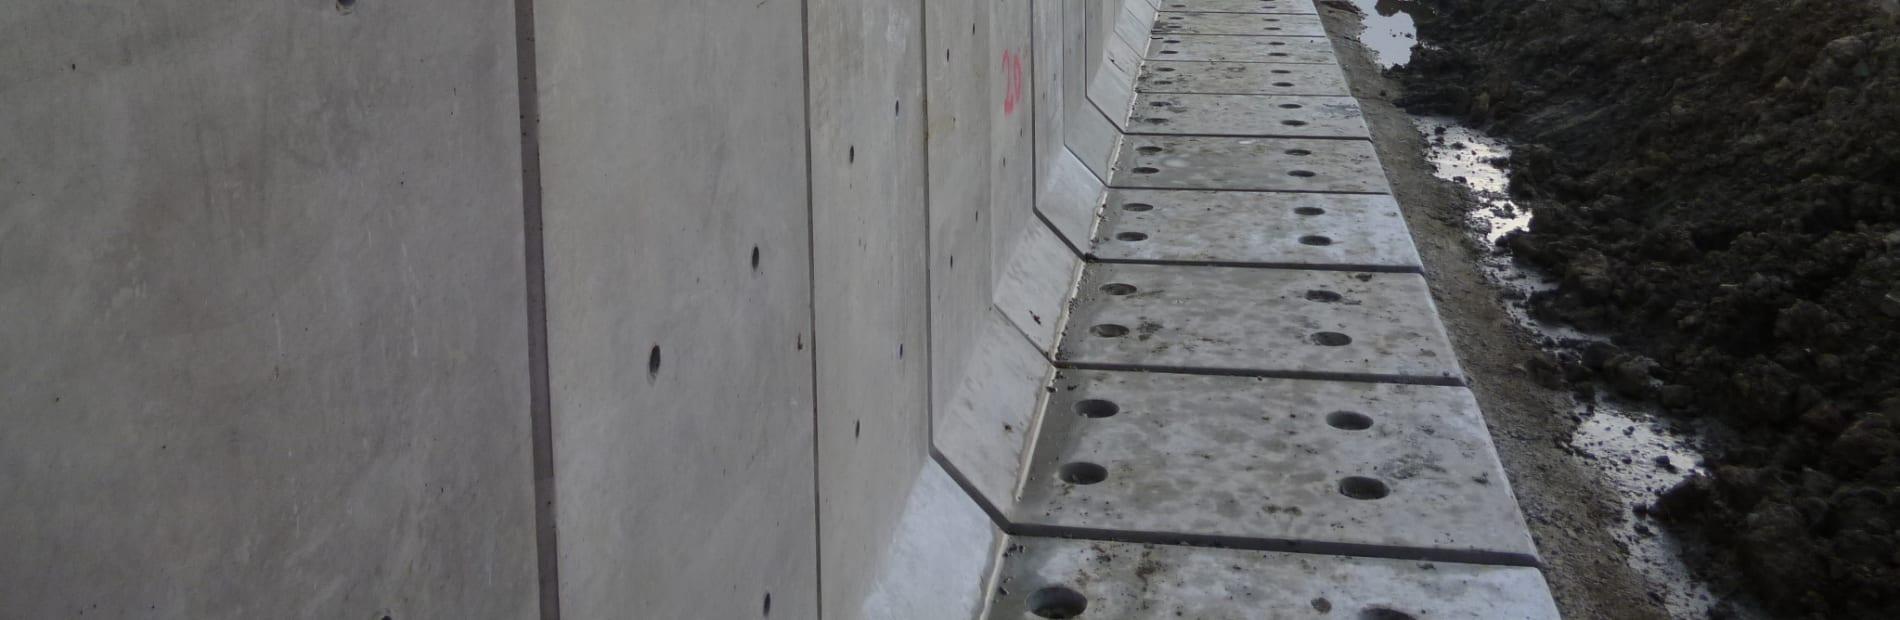 l-shape walls